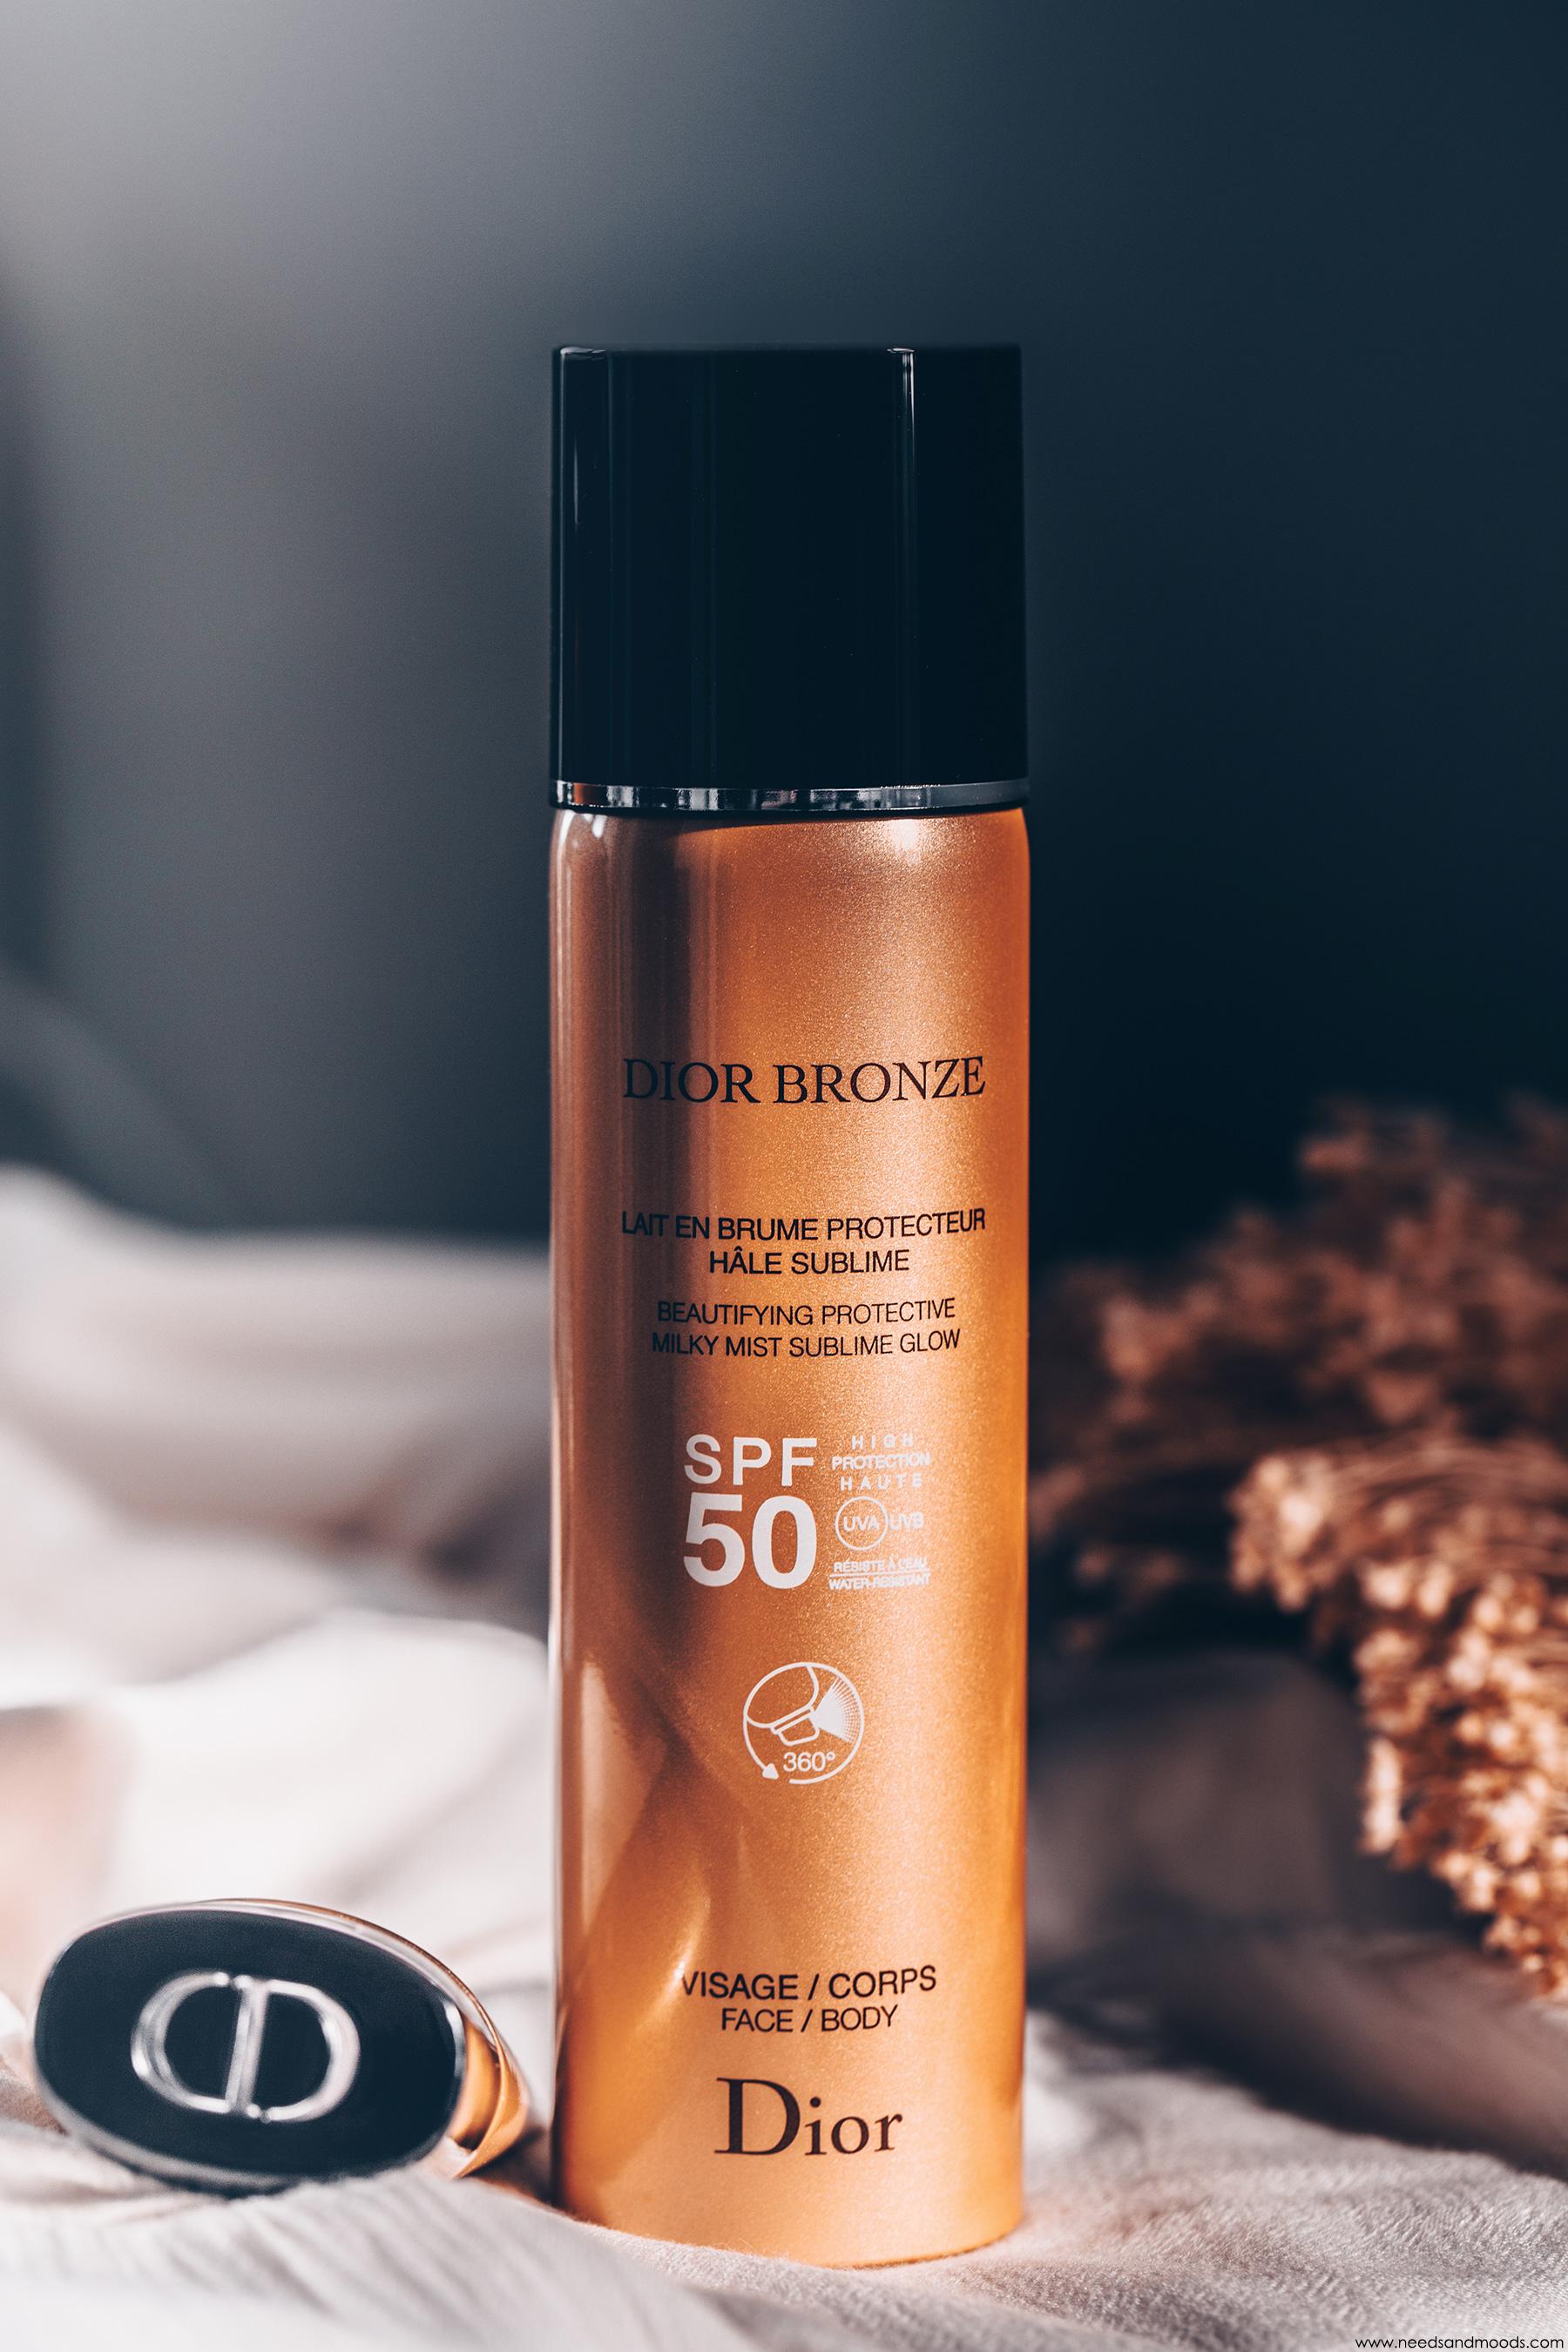 dior bronze lait brume protecteur hale sublime